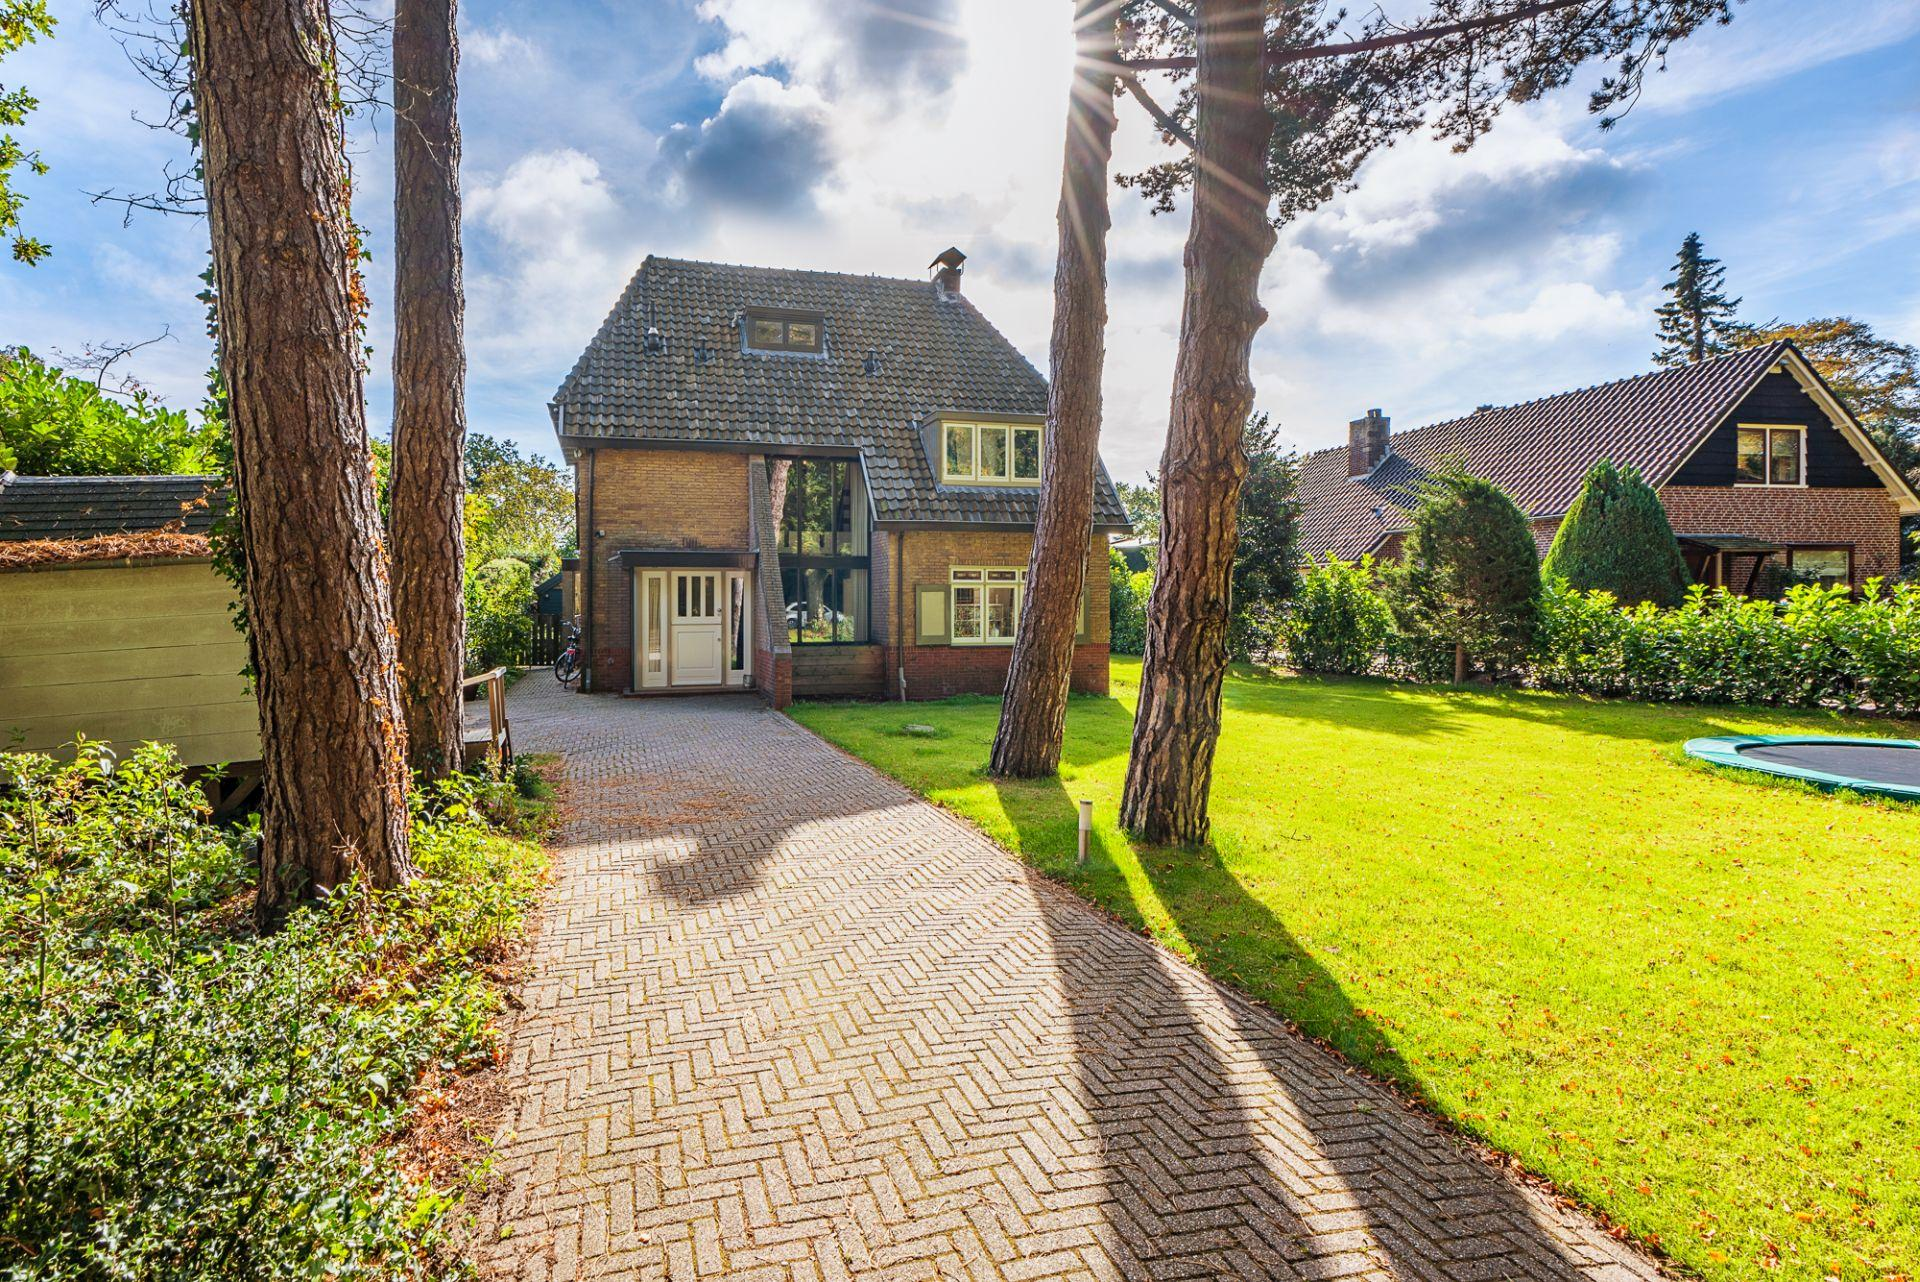 Villa Kakelbond, een villa voor 8 personen in een van de mooiste lanen van Bergen.